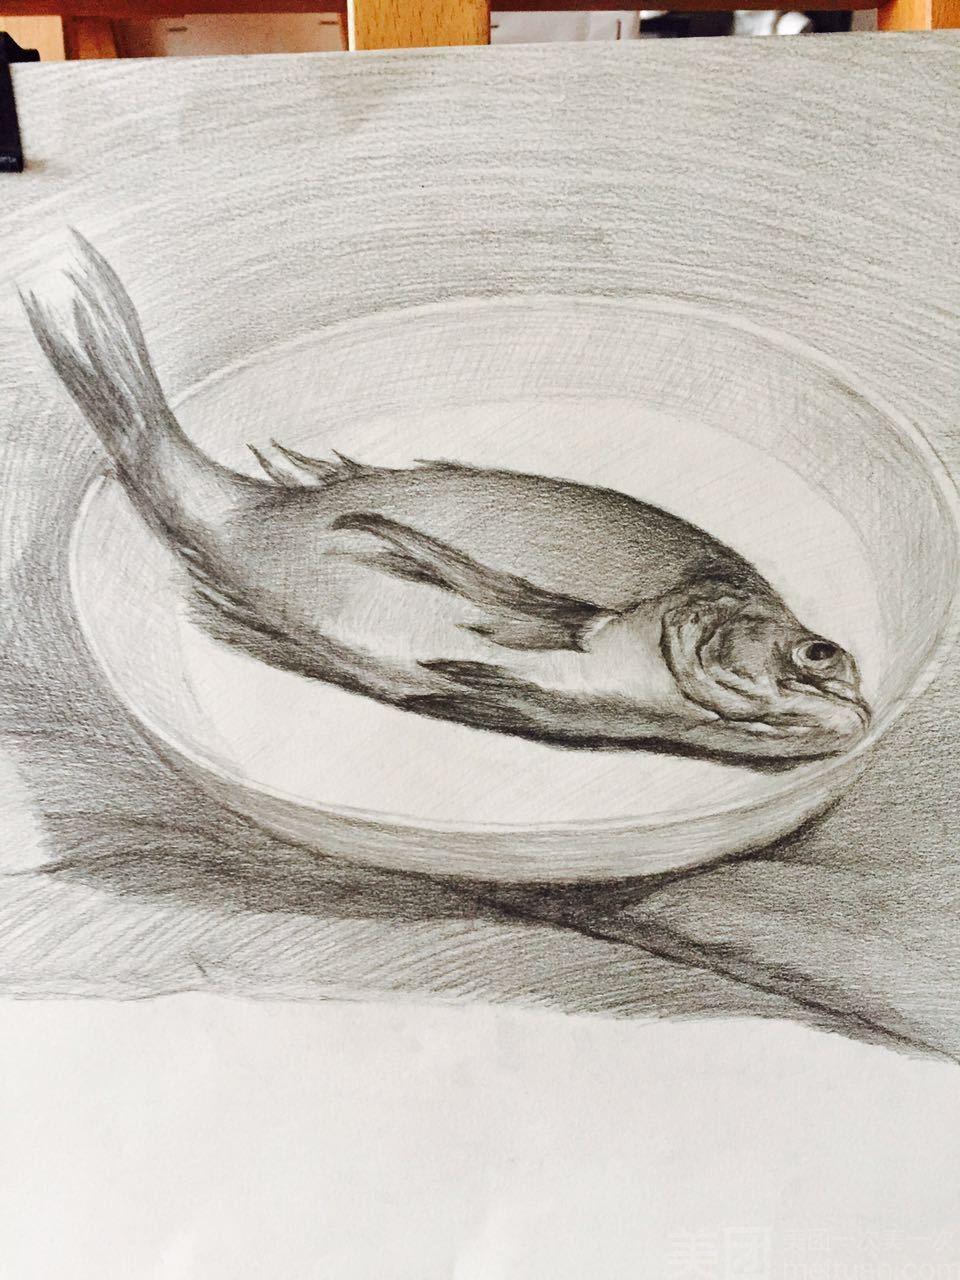 :长沙今日团购:【智绘画堂素描体验课】单人智绘画堂嗨翻全球素描体验套餐